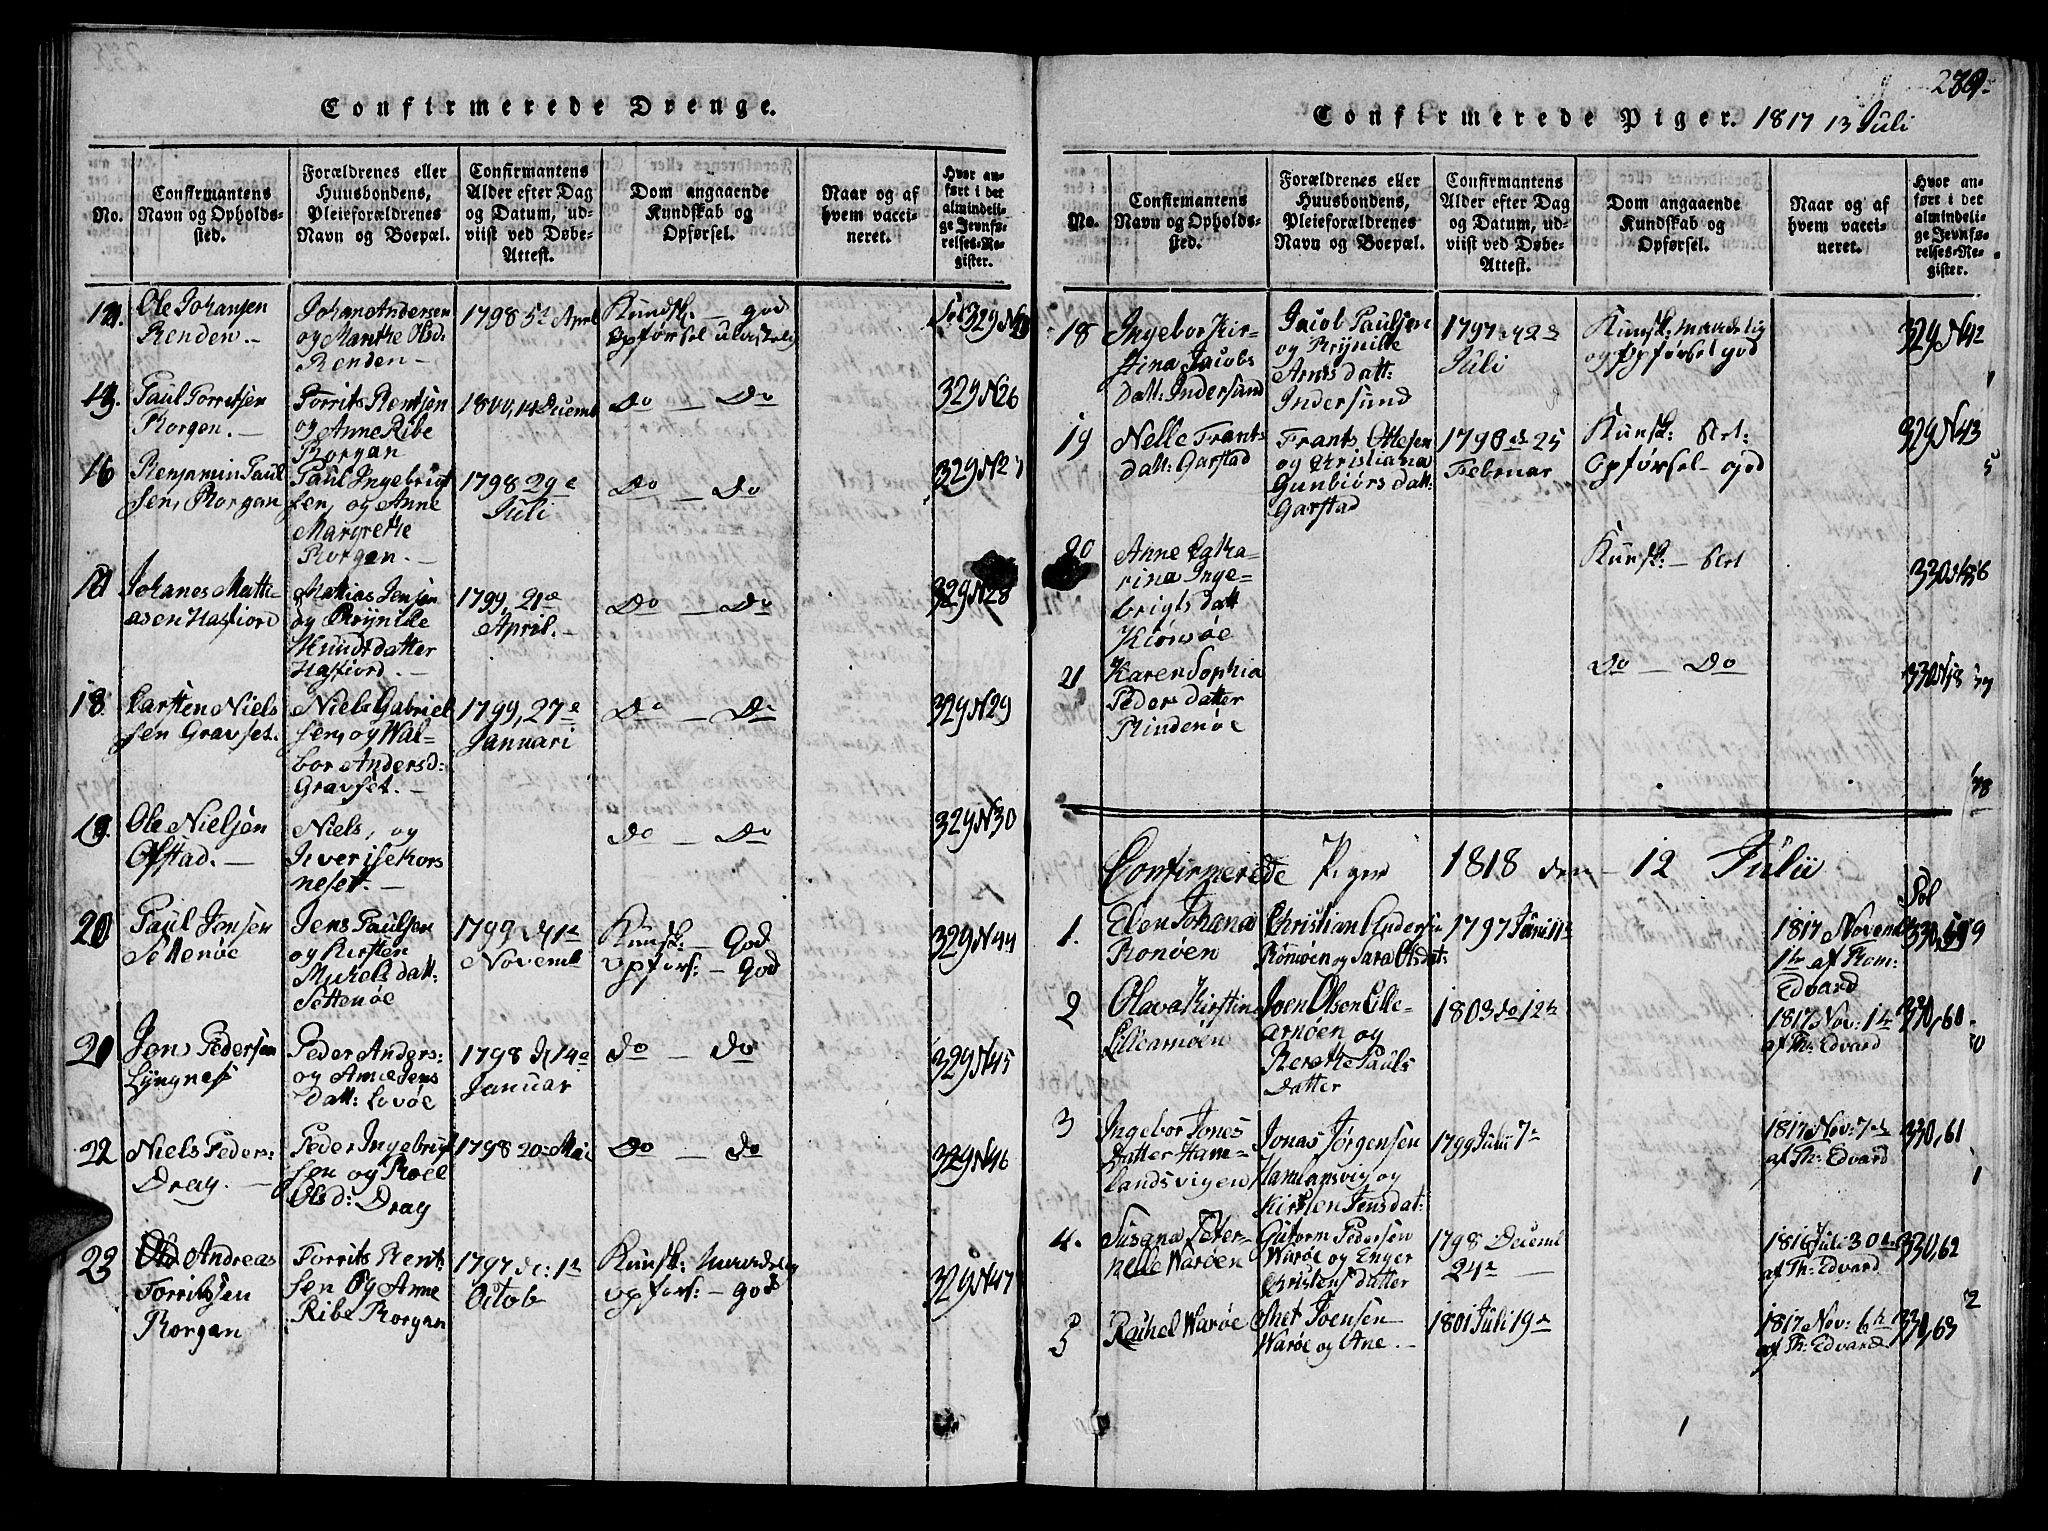 SAT, Ministerialprotokoller, klokkerbøker og fødselsregistre - Nord-Trøndelag, 784/L0679: Klokkerbok nr. 784C01 /1, 1816-1822, s. 239